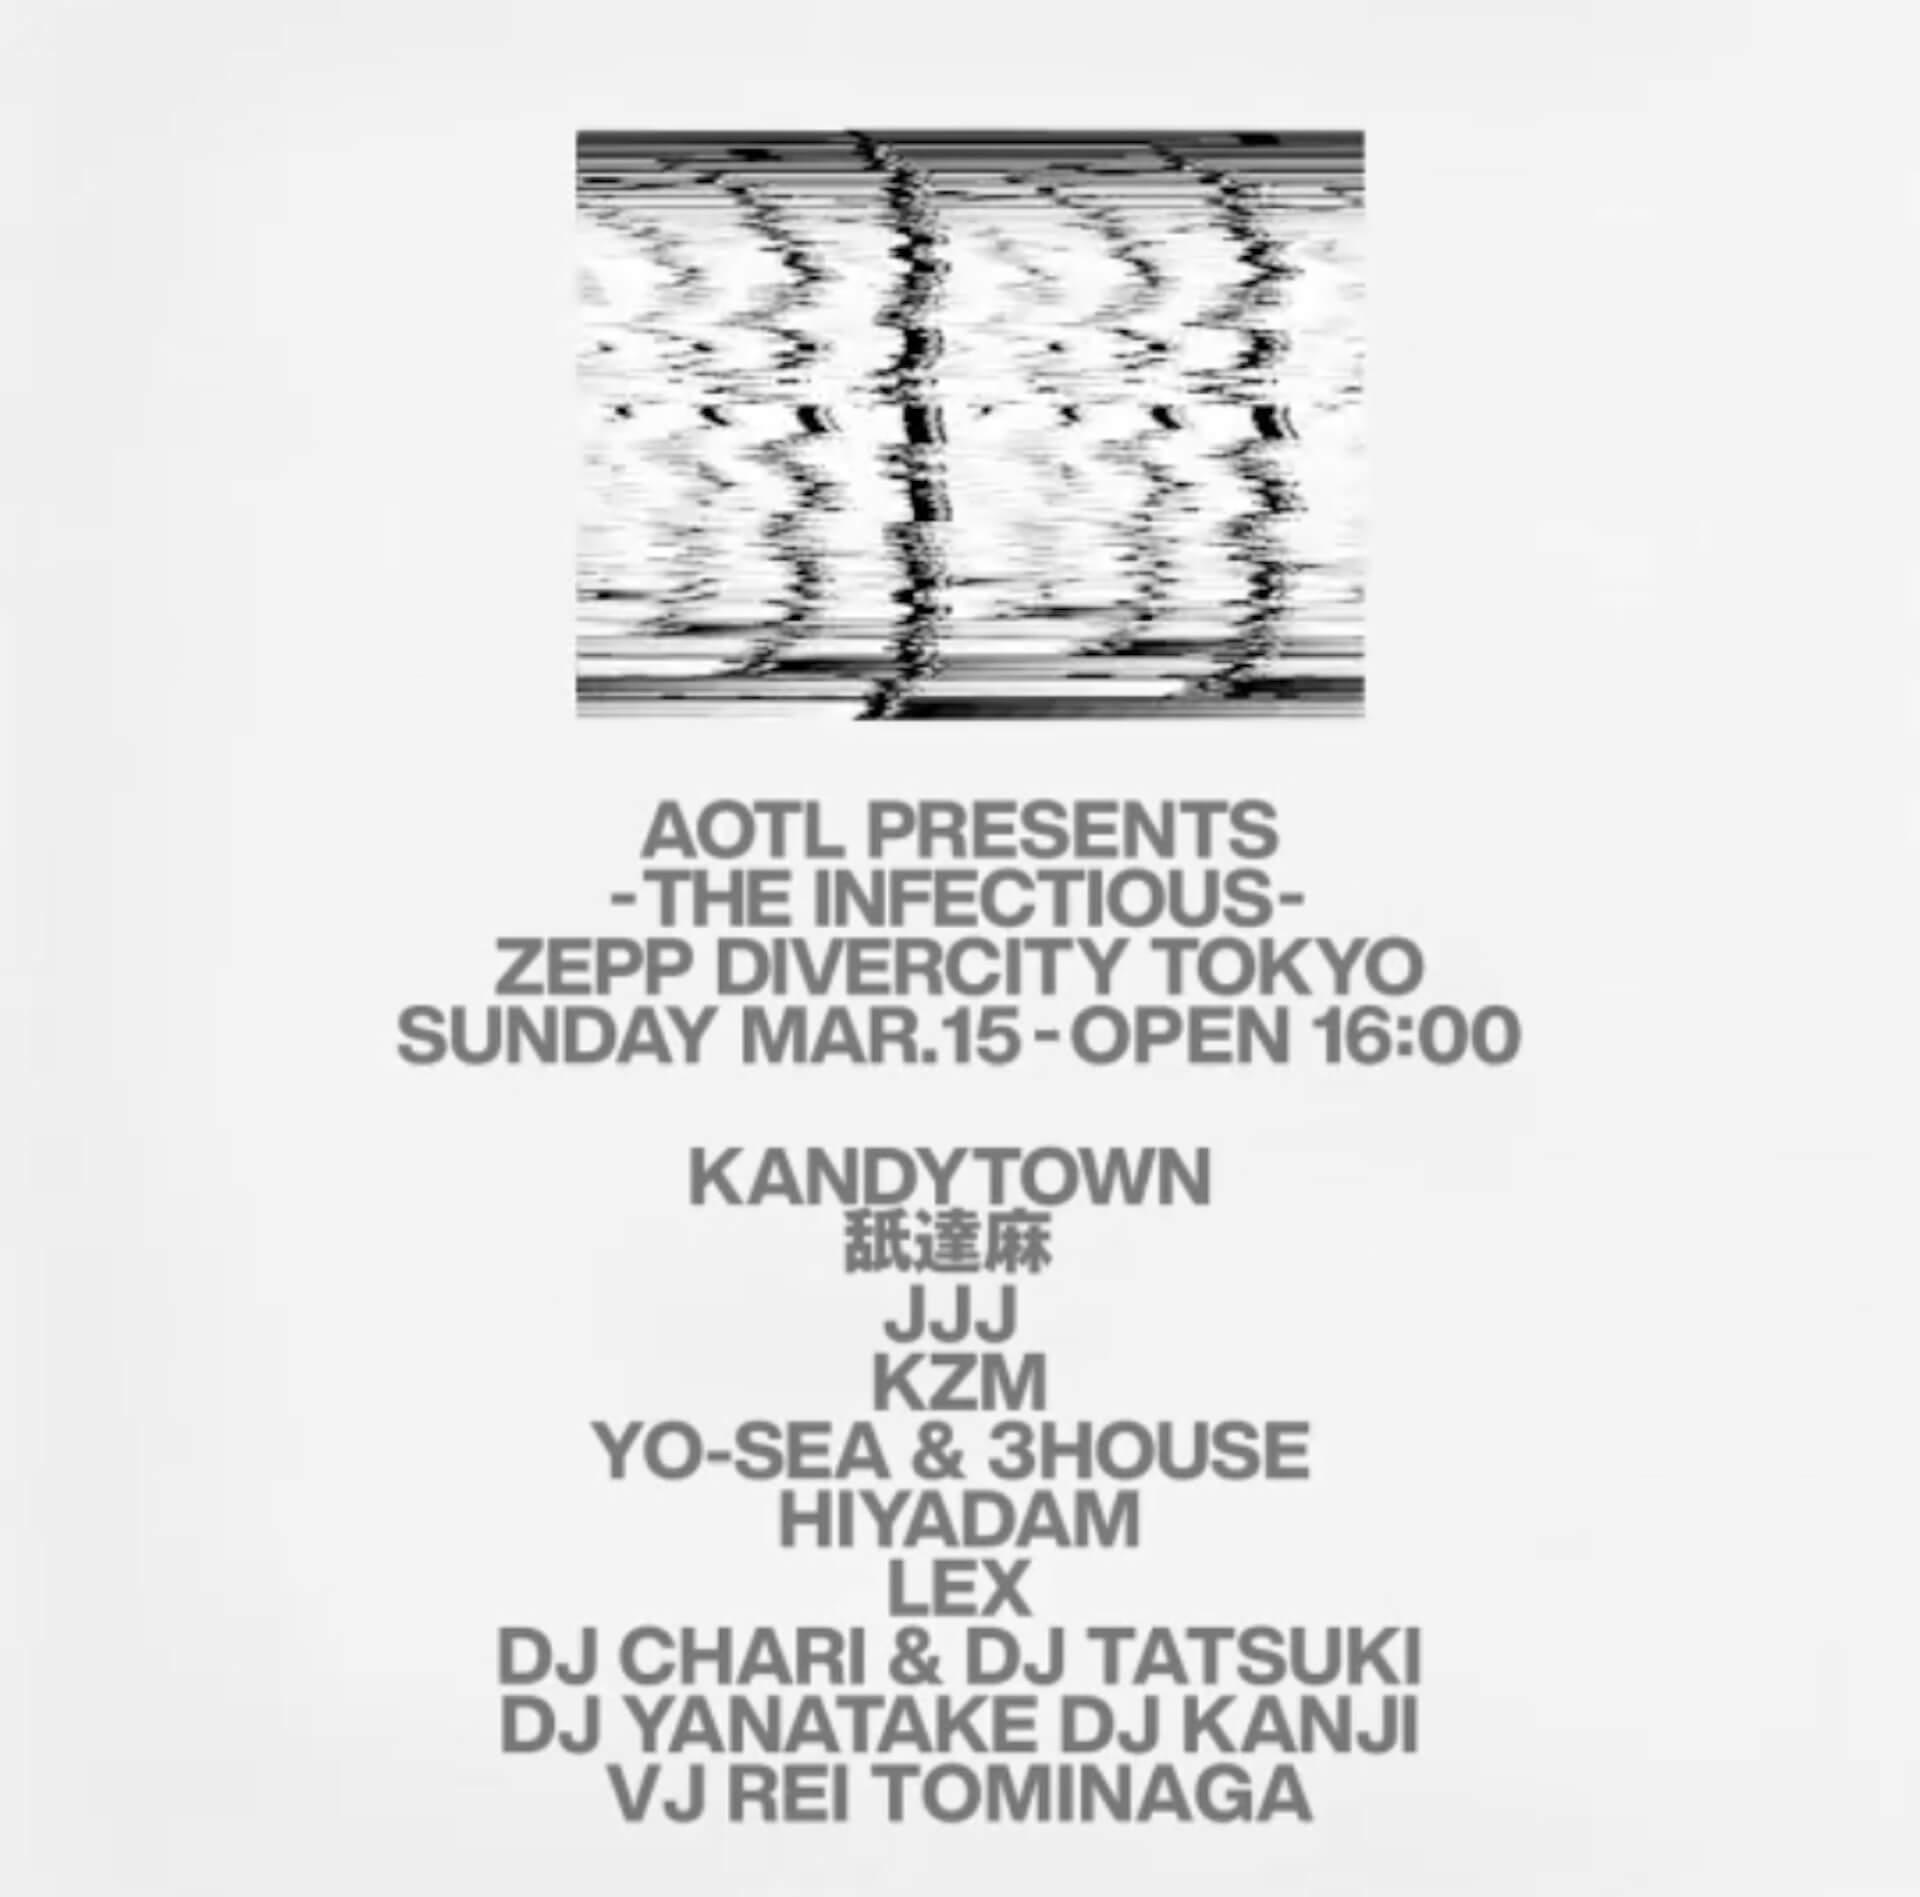 舐達麻、kZmら出演の<THE INFECTIOUS>がZEPP DIVERCITY TOKYOで初開催!追加ゲストにJJJが登場 music200225_the_infectious_01